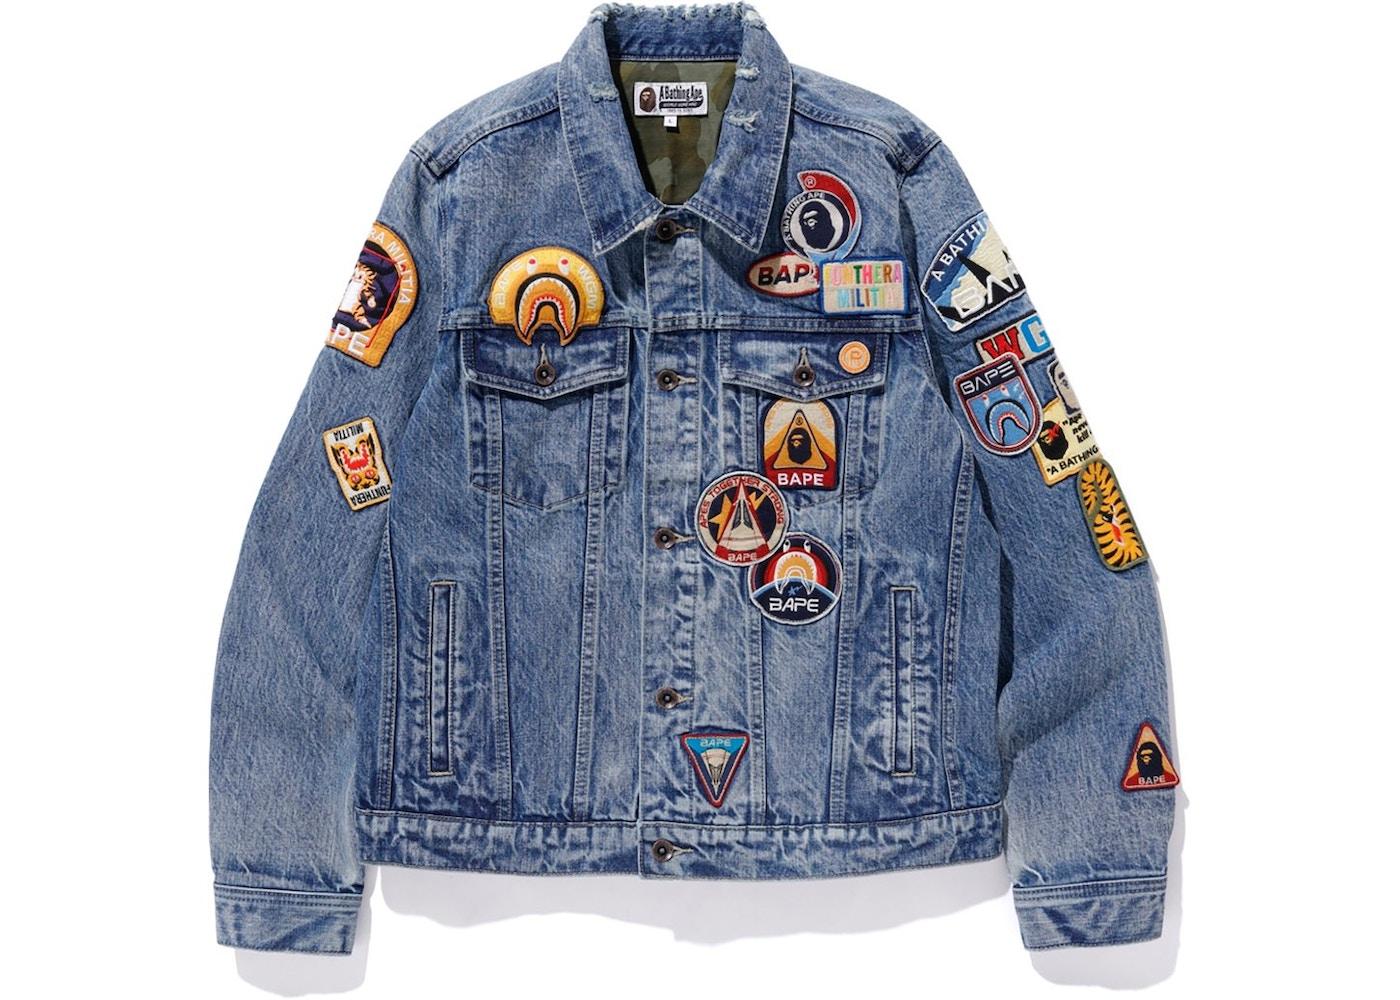 e0d9db59b Streetwear - Bape Jackets - Last Sale